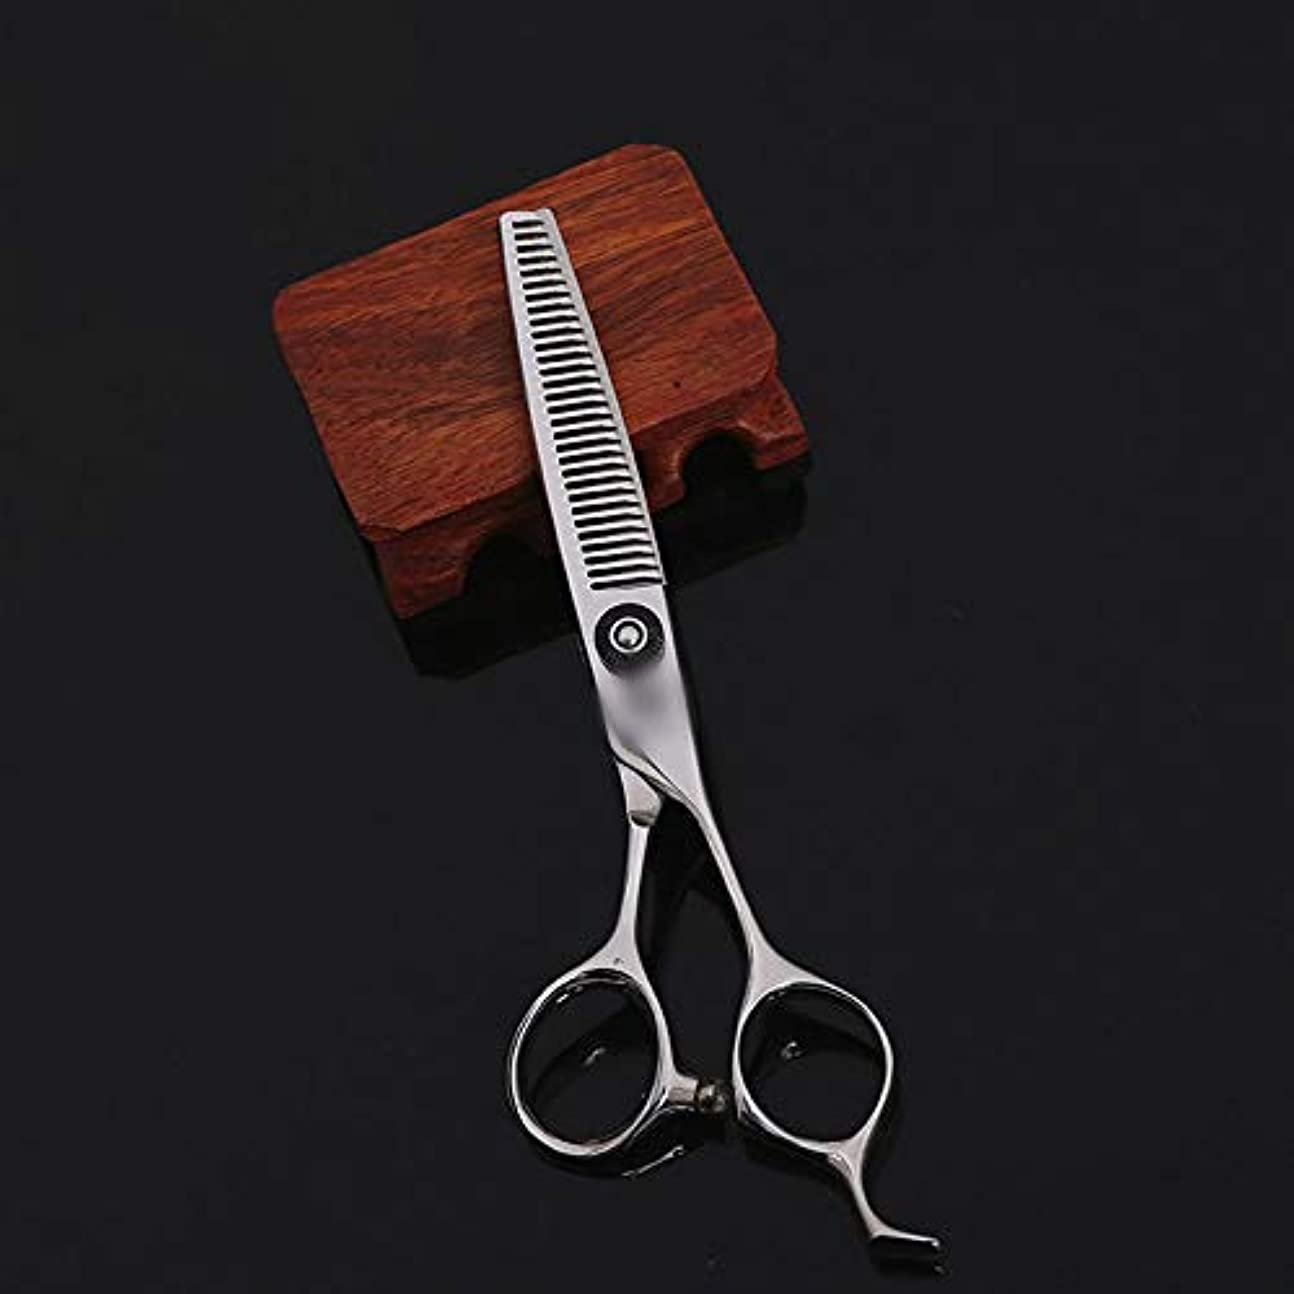 引っ張るバウンドマカダムWASAIO プロフェッショナル口ひげトリミングアクセサリー薄毛のはさみはさみレベルカット理容室ステンレス鋼理髪6インチカービング (色 : Silver)